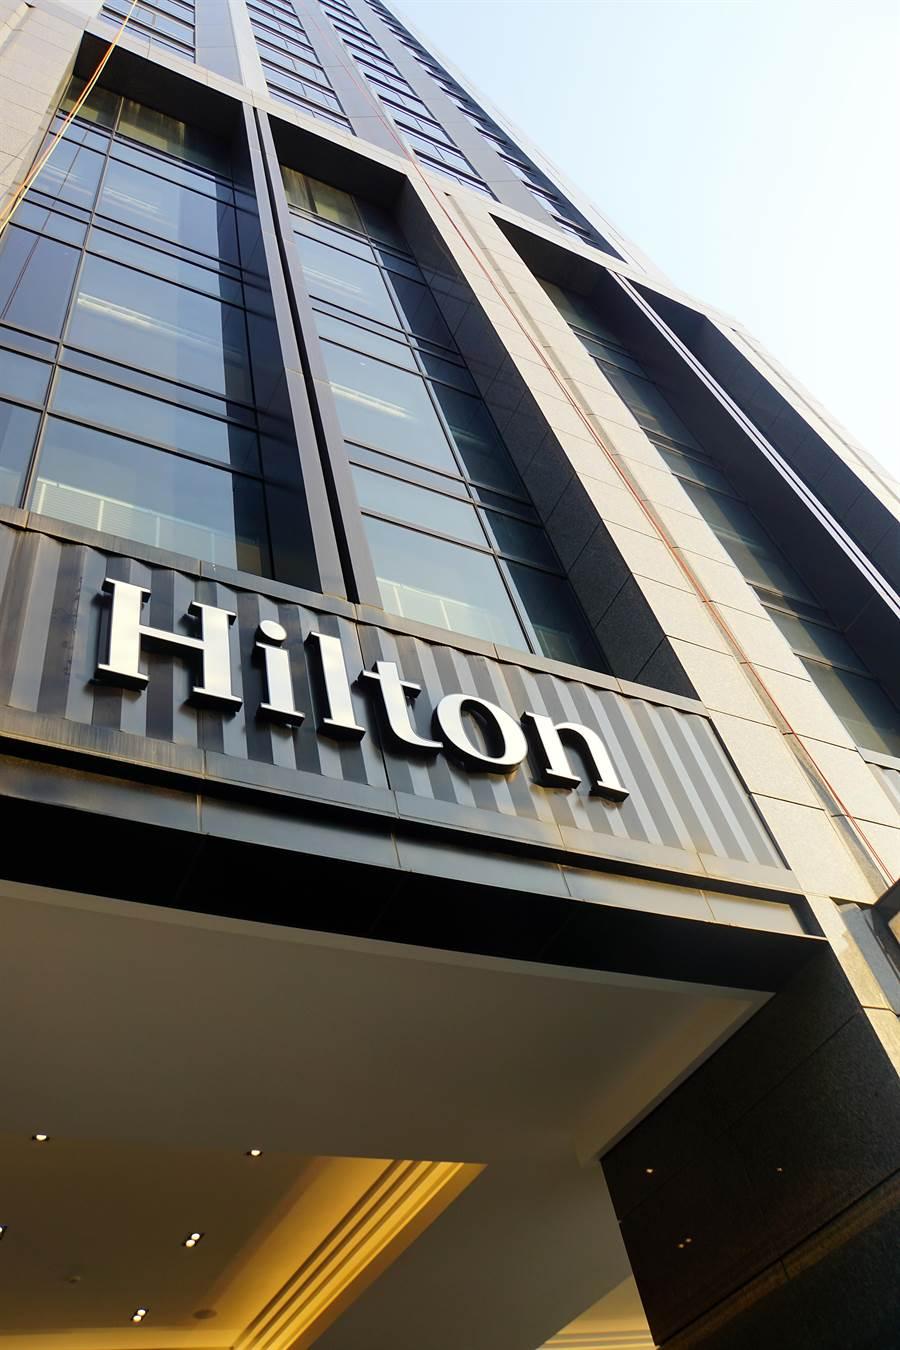 睽違15年,國際希爾頓集團重返台灣市場,經營管理宏國集團投資的〈台北新板希爾頓酒店〉。(圖/姚舜)